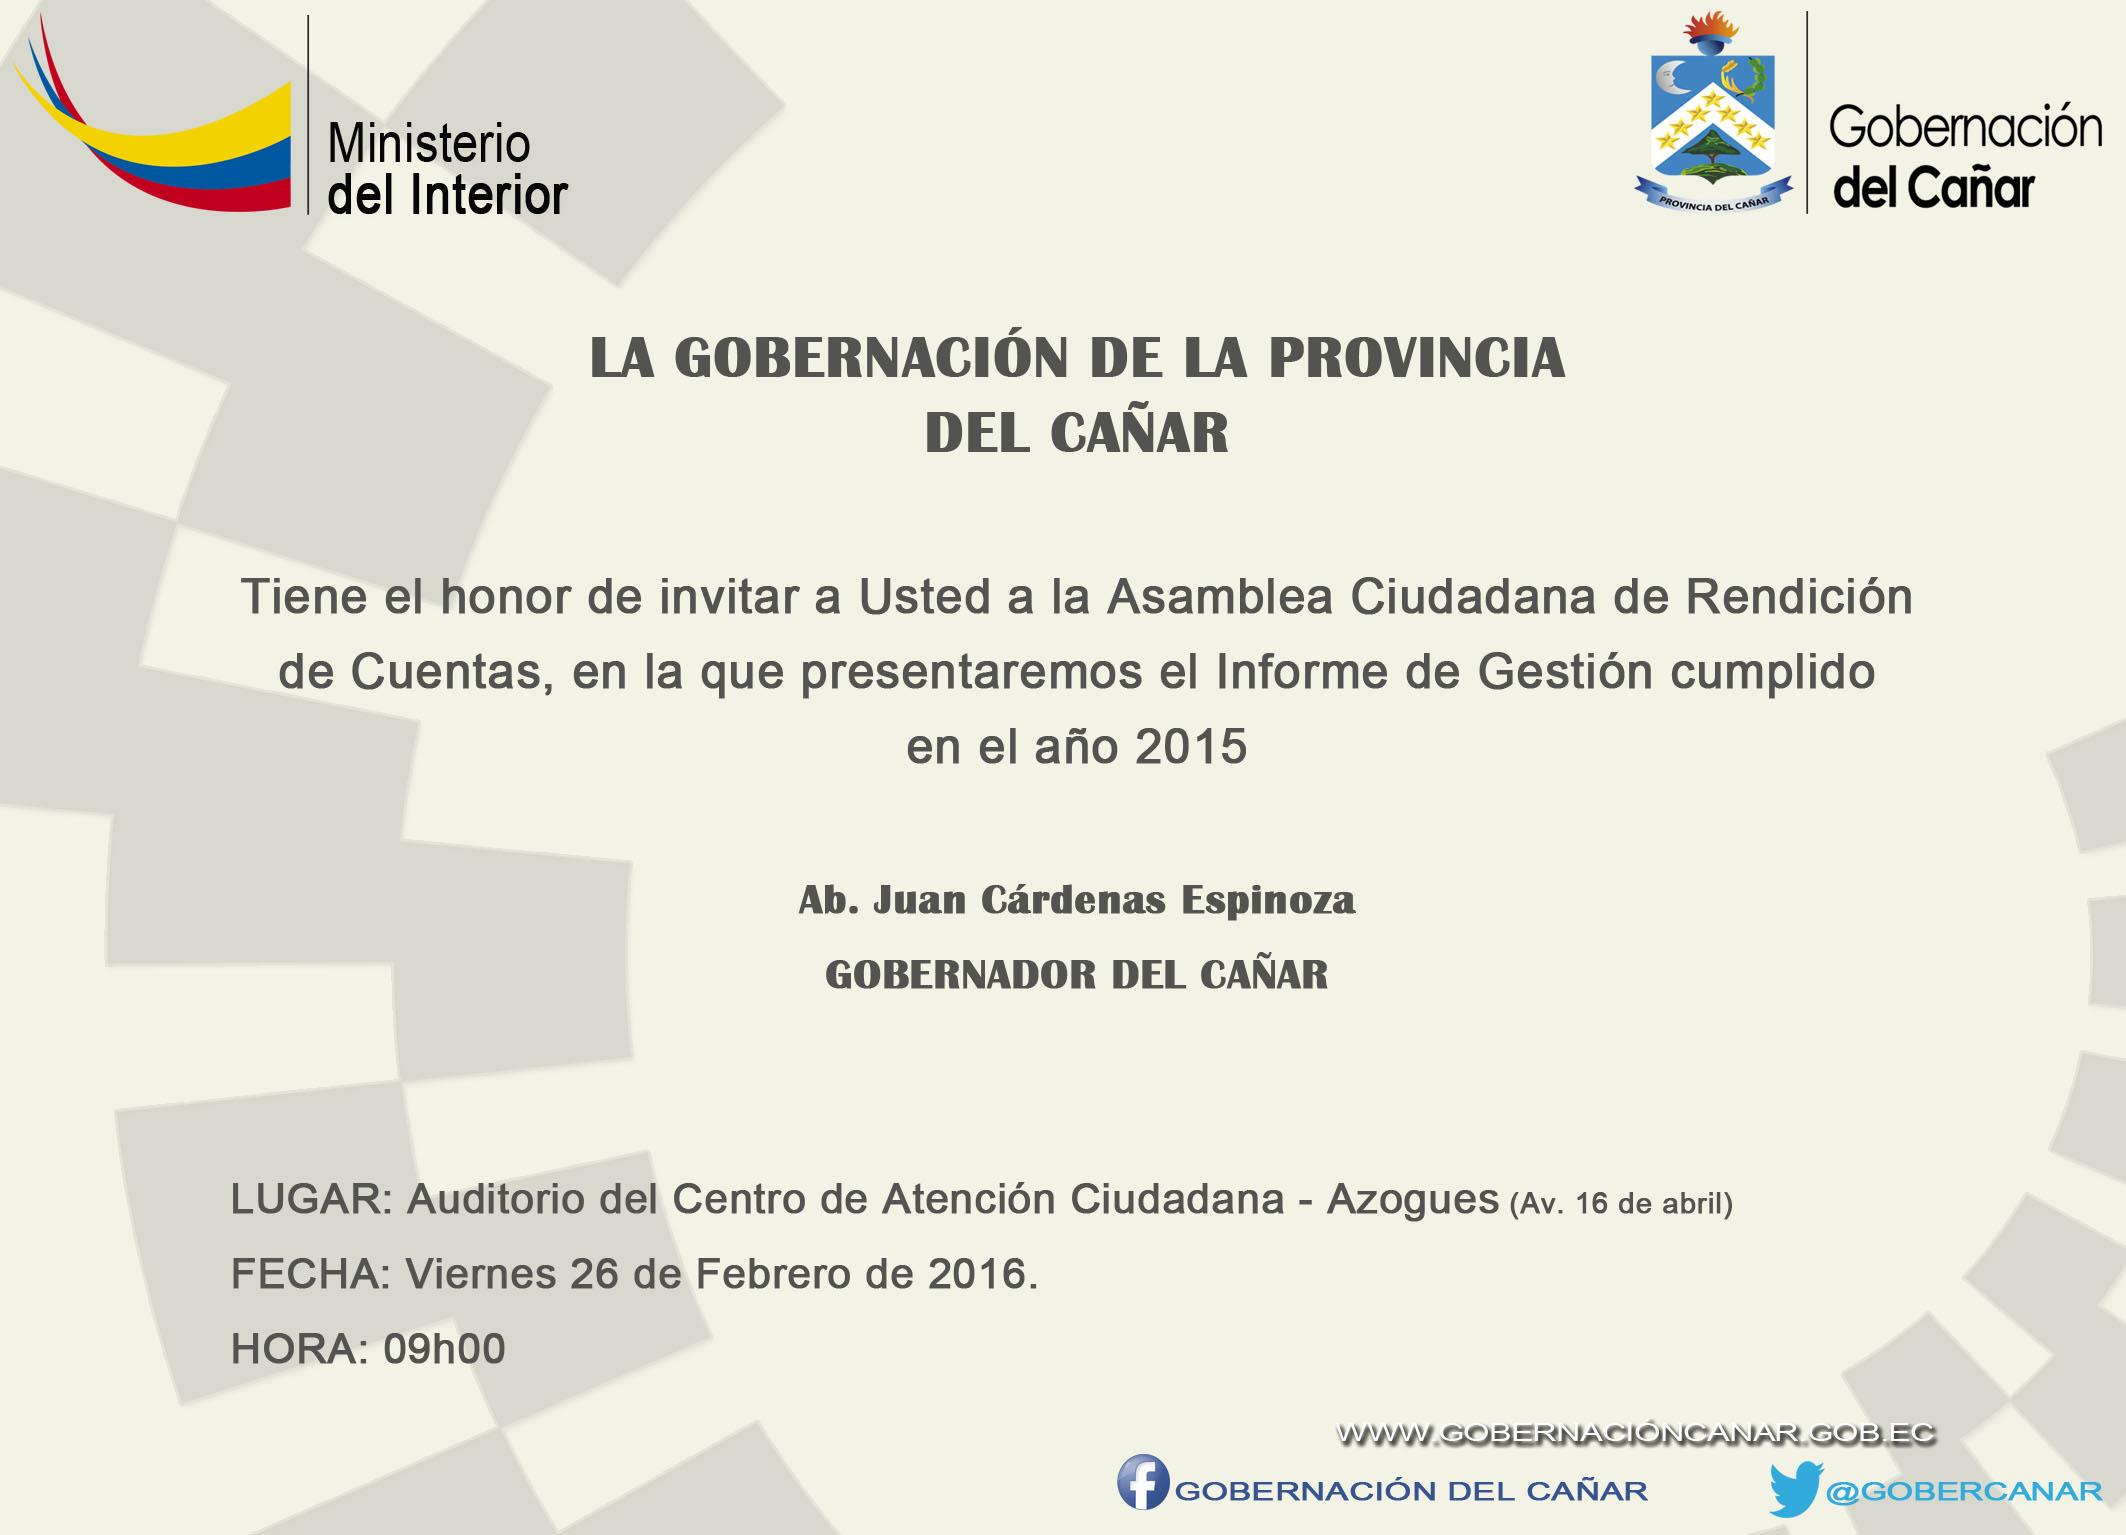 INVITACIÓN GOBERNACIÓN DEL CAÑAR